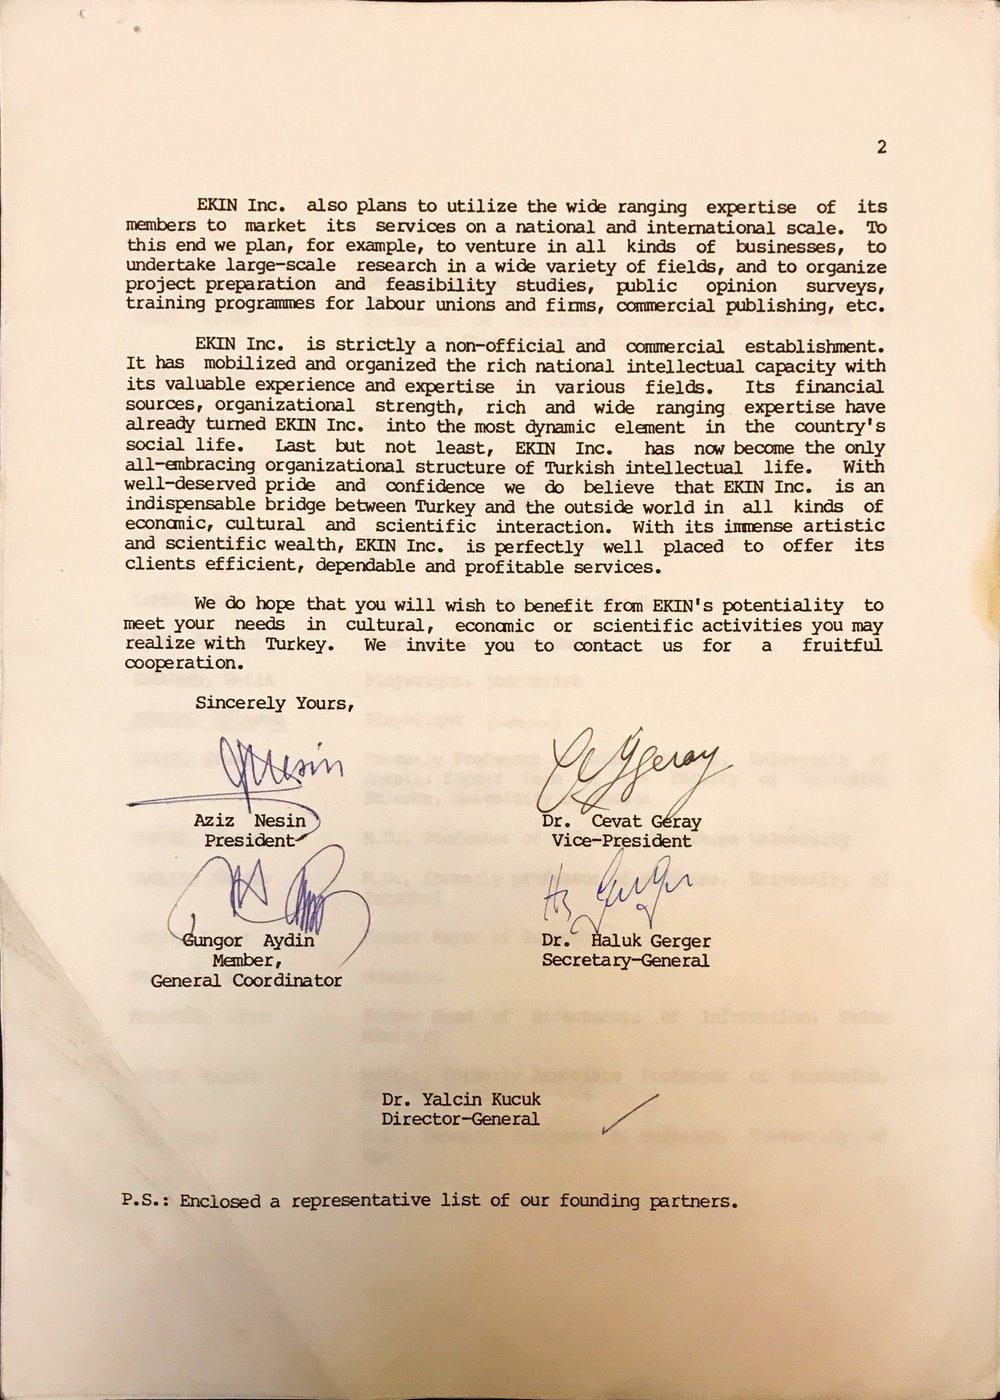 1985_letter_ekin-2.JPG